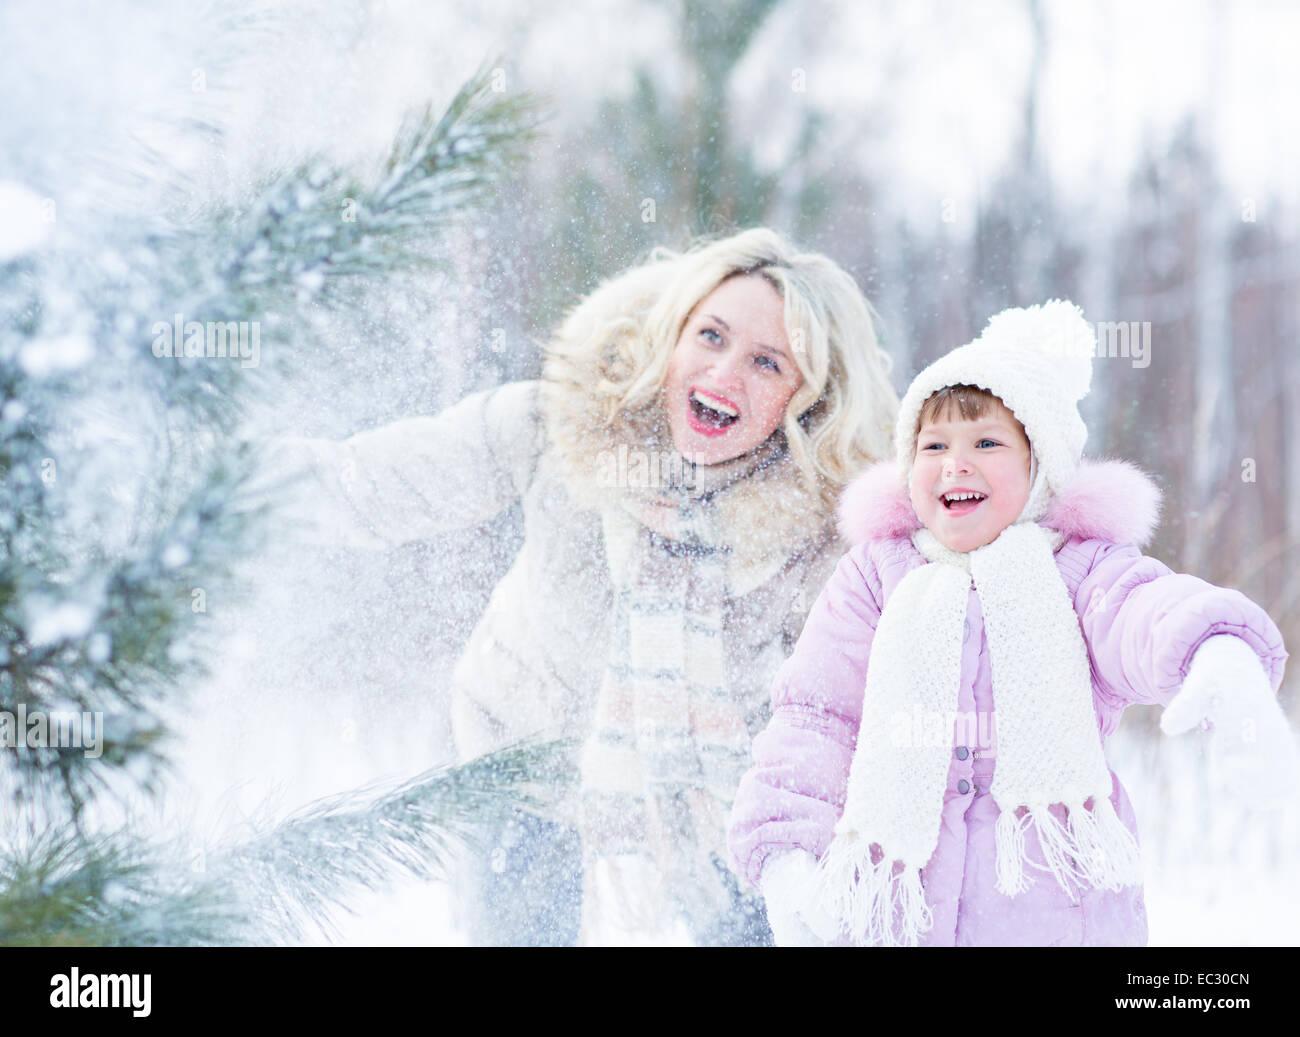 Glücklich Mopther und Kind spielt mit Schnee im Winter im freien Stockbild